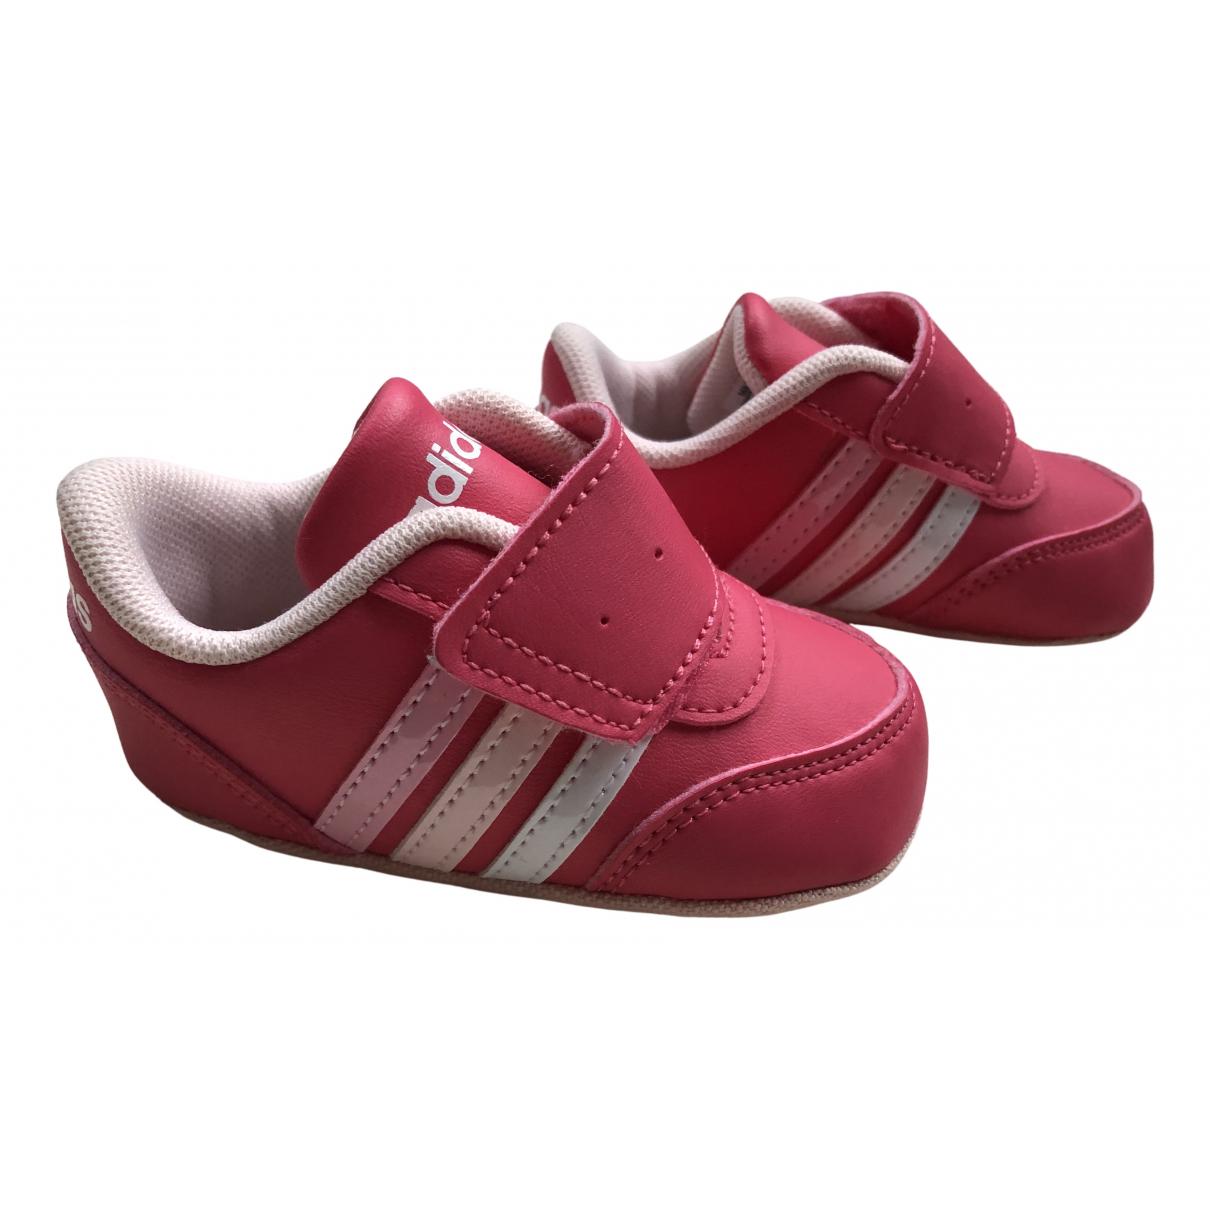 Adidas - Premiers pas   pour enfant en cuir - rose